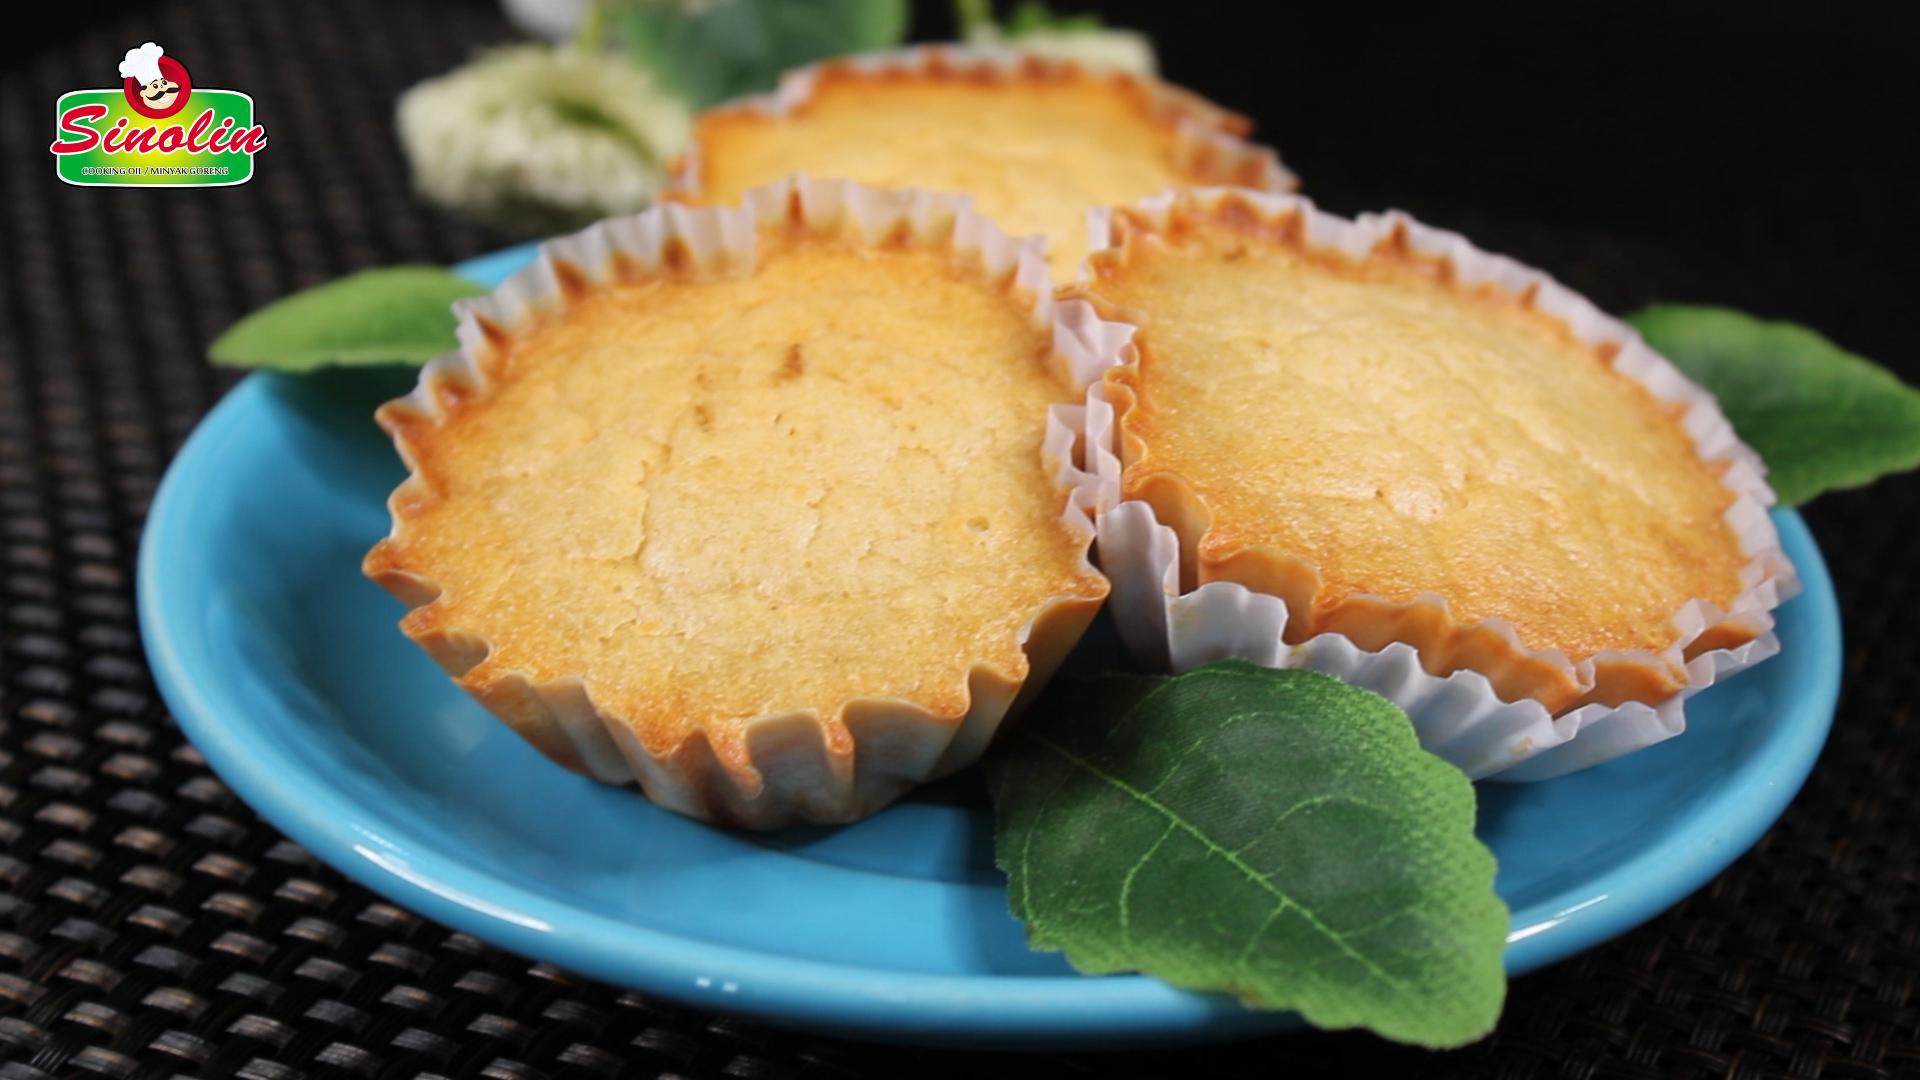 Pineapple Muffins By Dapur Sinolin